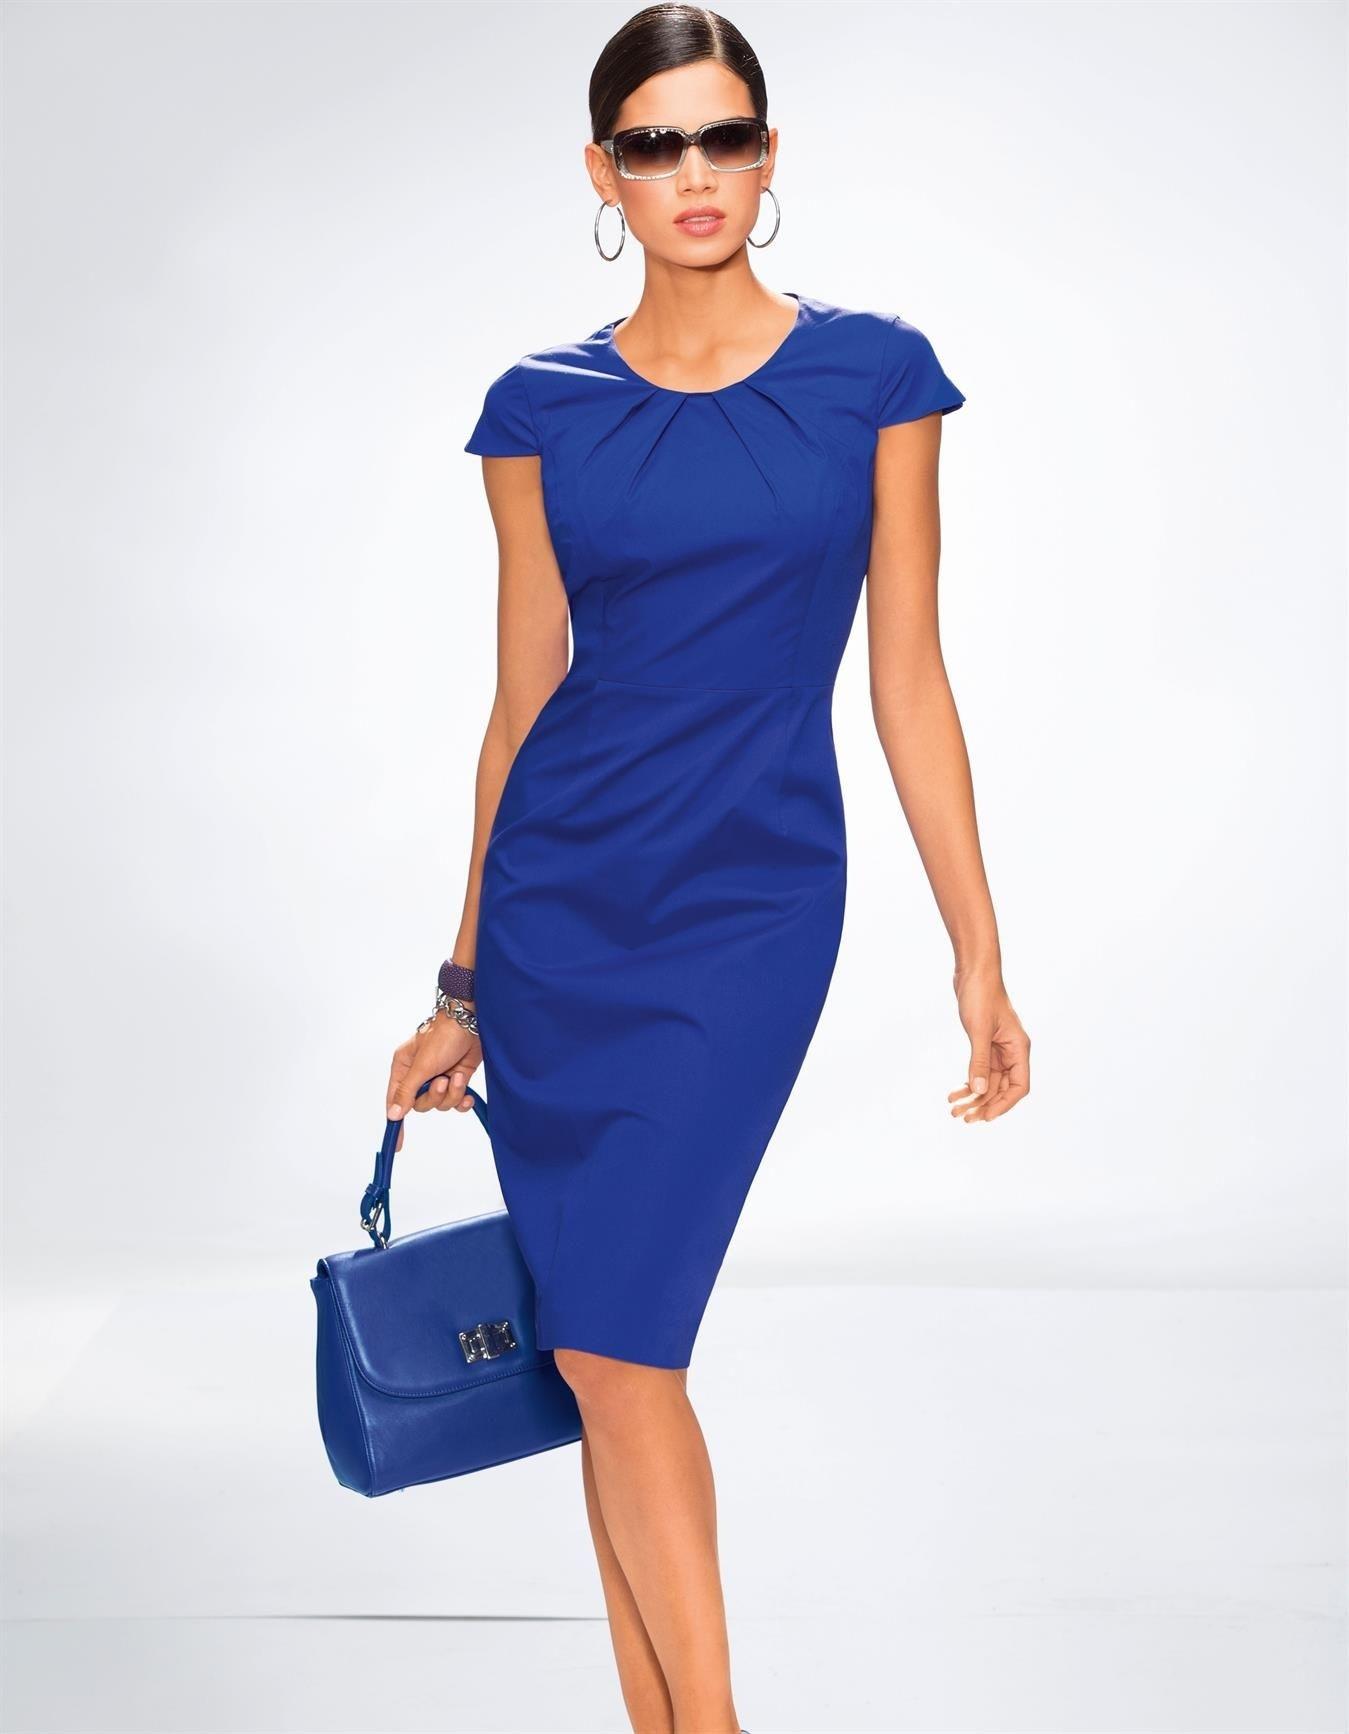 Abend Luxus Kleid Royalblau ÄrmelDesigner Leicht Kleid Royalblau für 2019